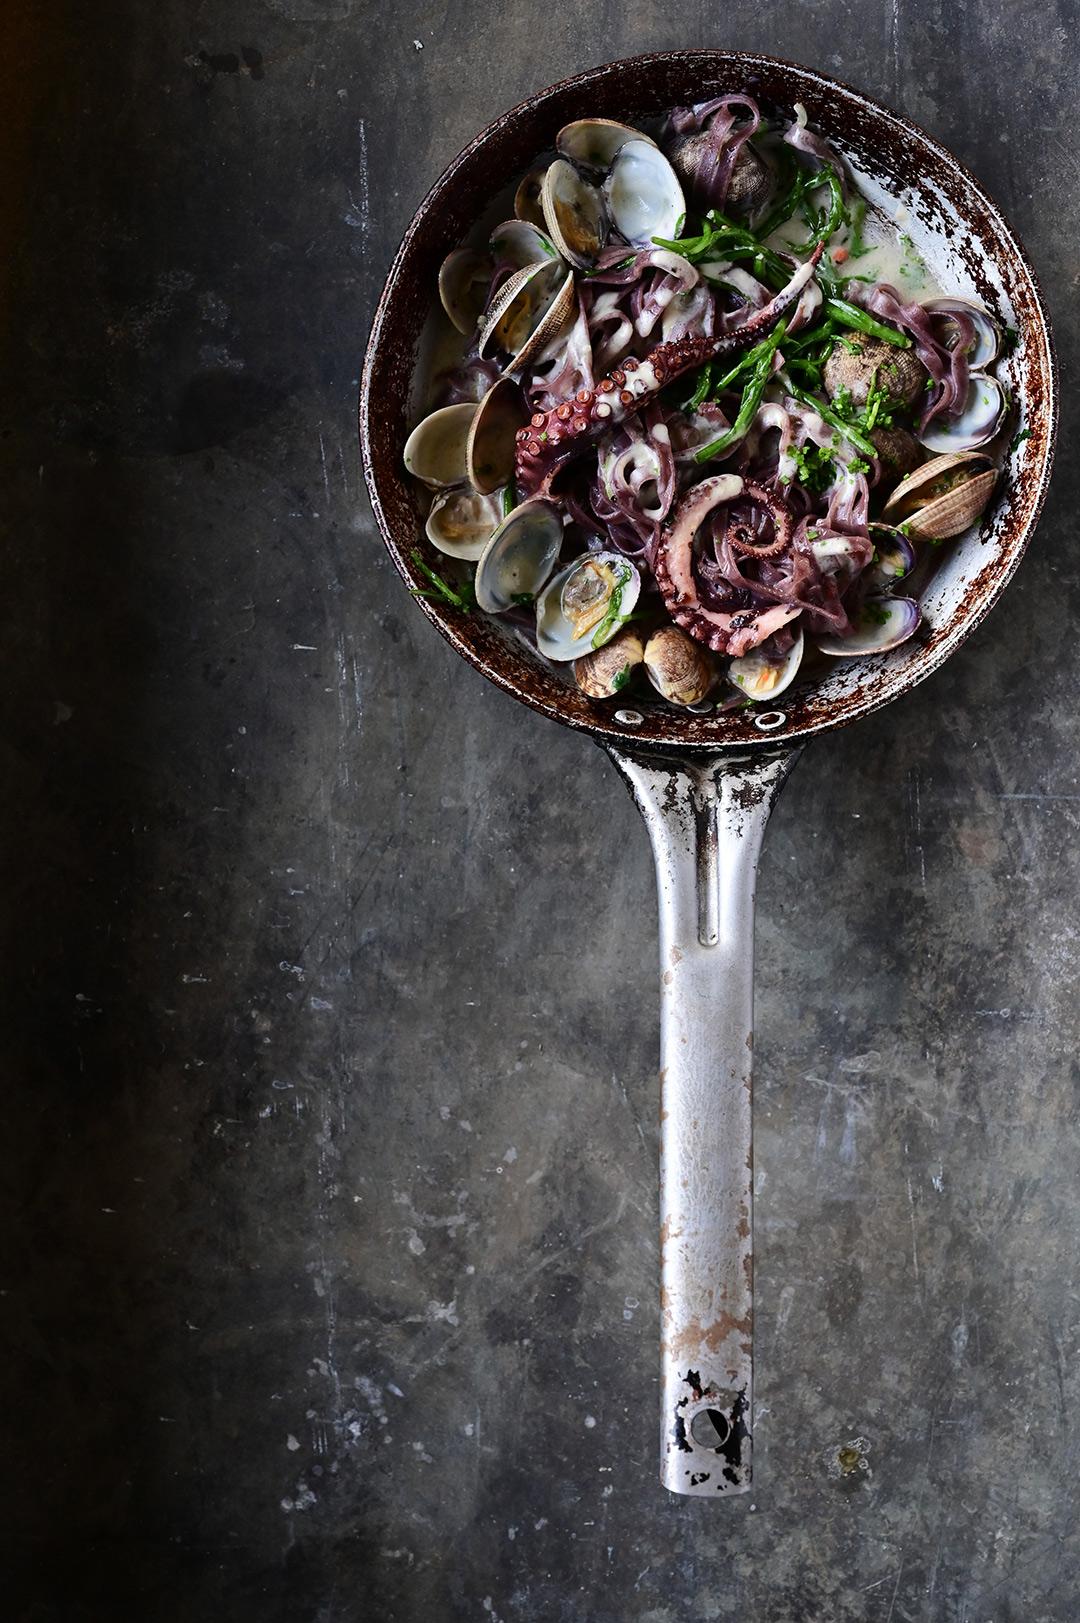 studio kuchnia | Czarny makaron z owocami morza w czosnkowym sosie